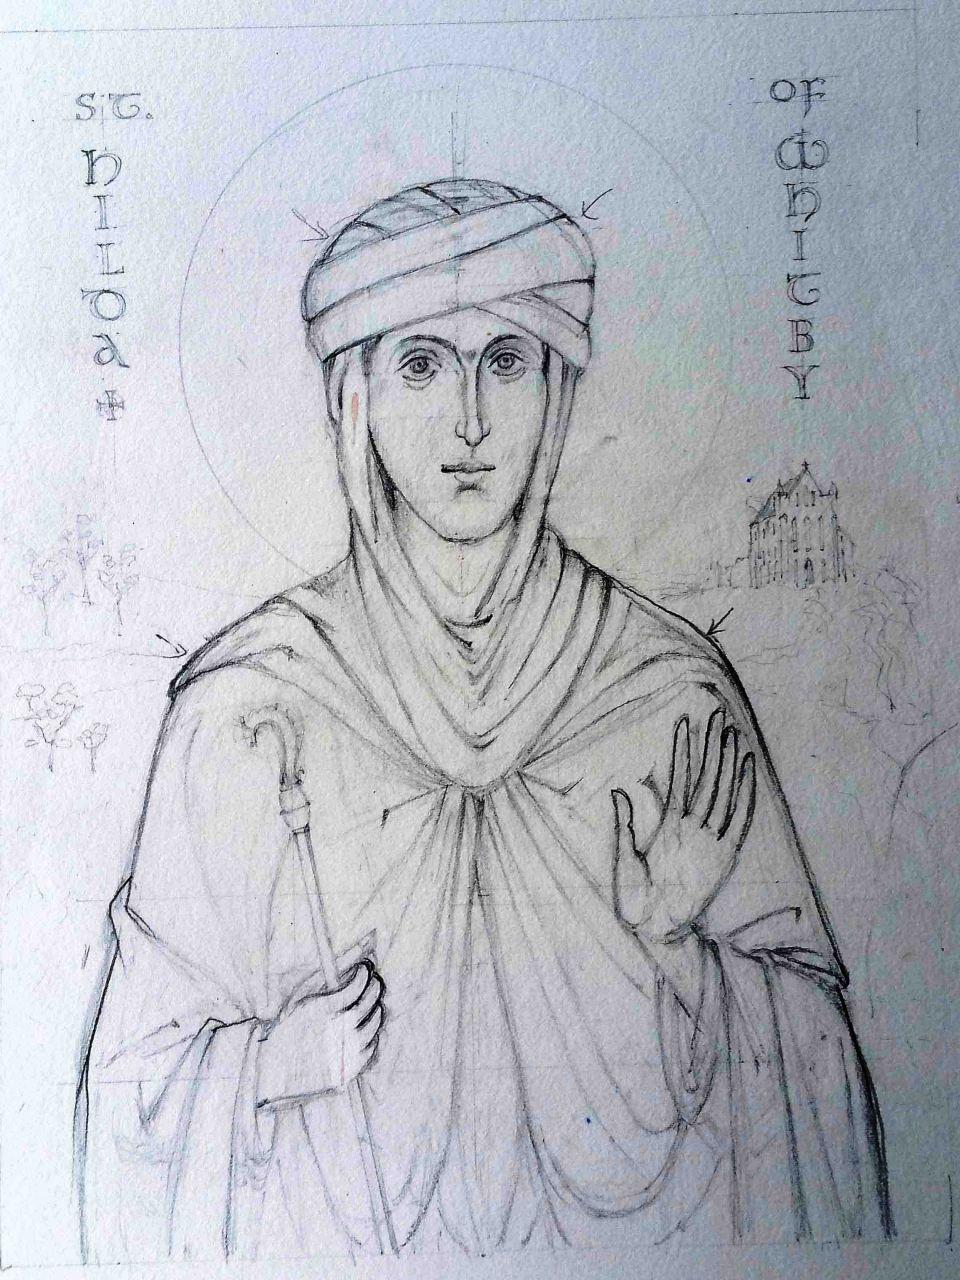 1 St Hilda pencil sketch cruwys